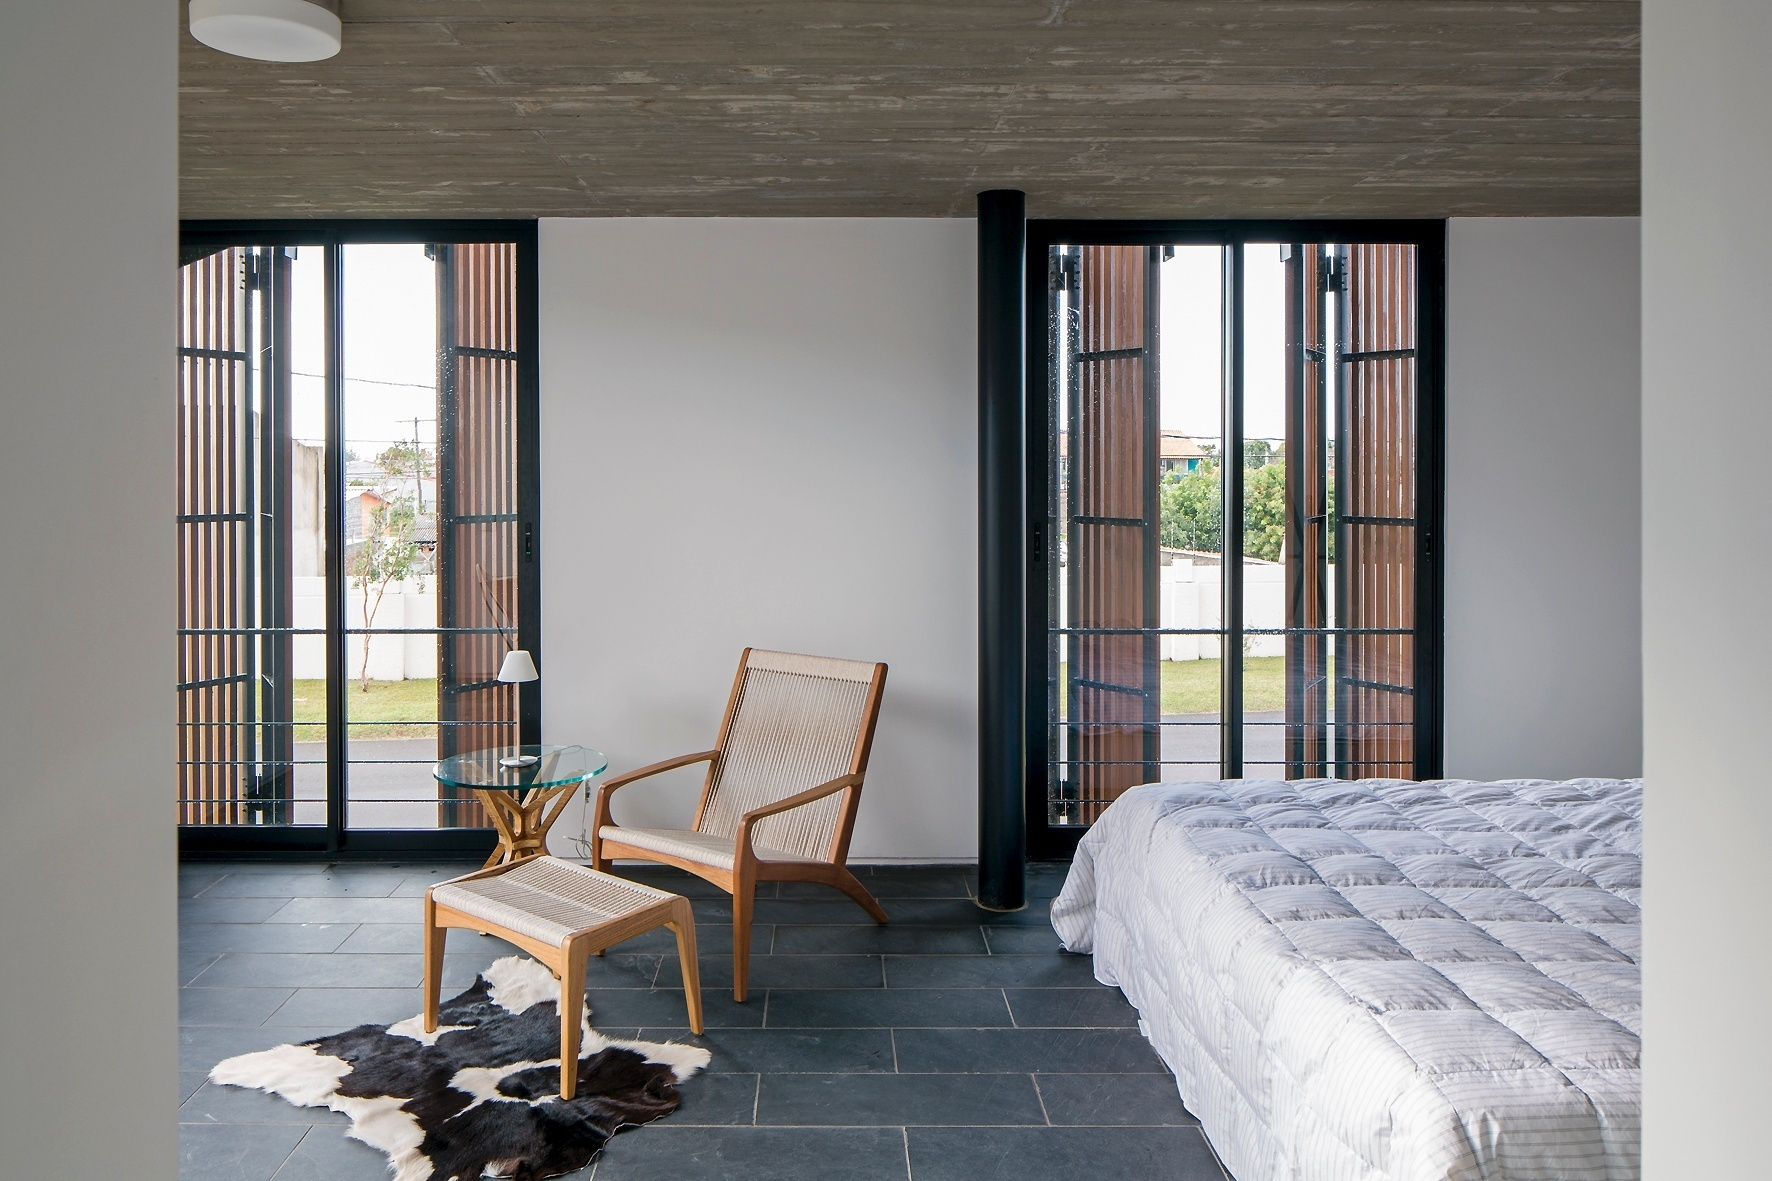 As portas-venezianas possuem brises de madeira itaúba, que controlam a insolação na suíte do casal. O quarto conta com espaço generoso que acomoda um pequeno estar. A Casa Xan foi projetada pelo escritório MAPA, no Rio Grande do Sul